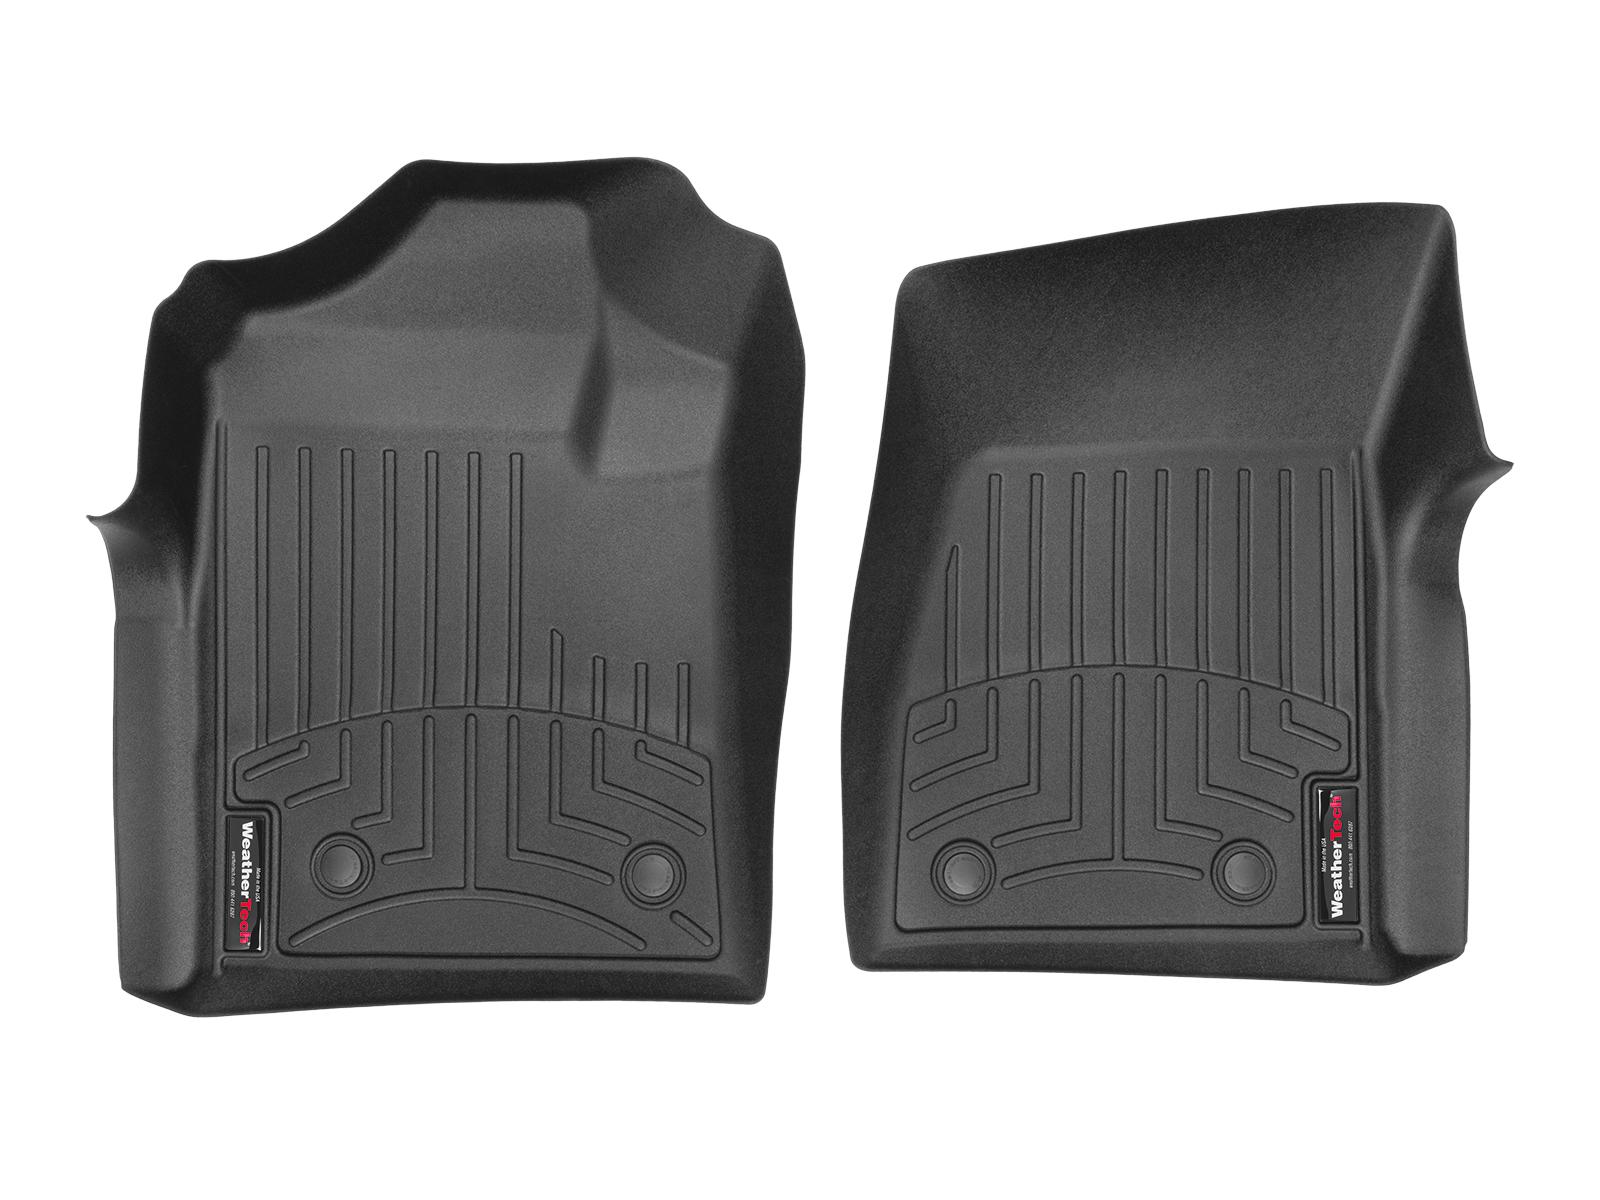 Tappeti gomma su misura bordo alto Chevrolet Silverado 08>13 Nero A179